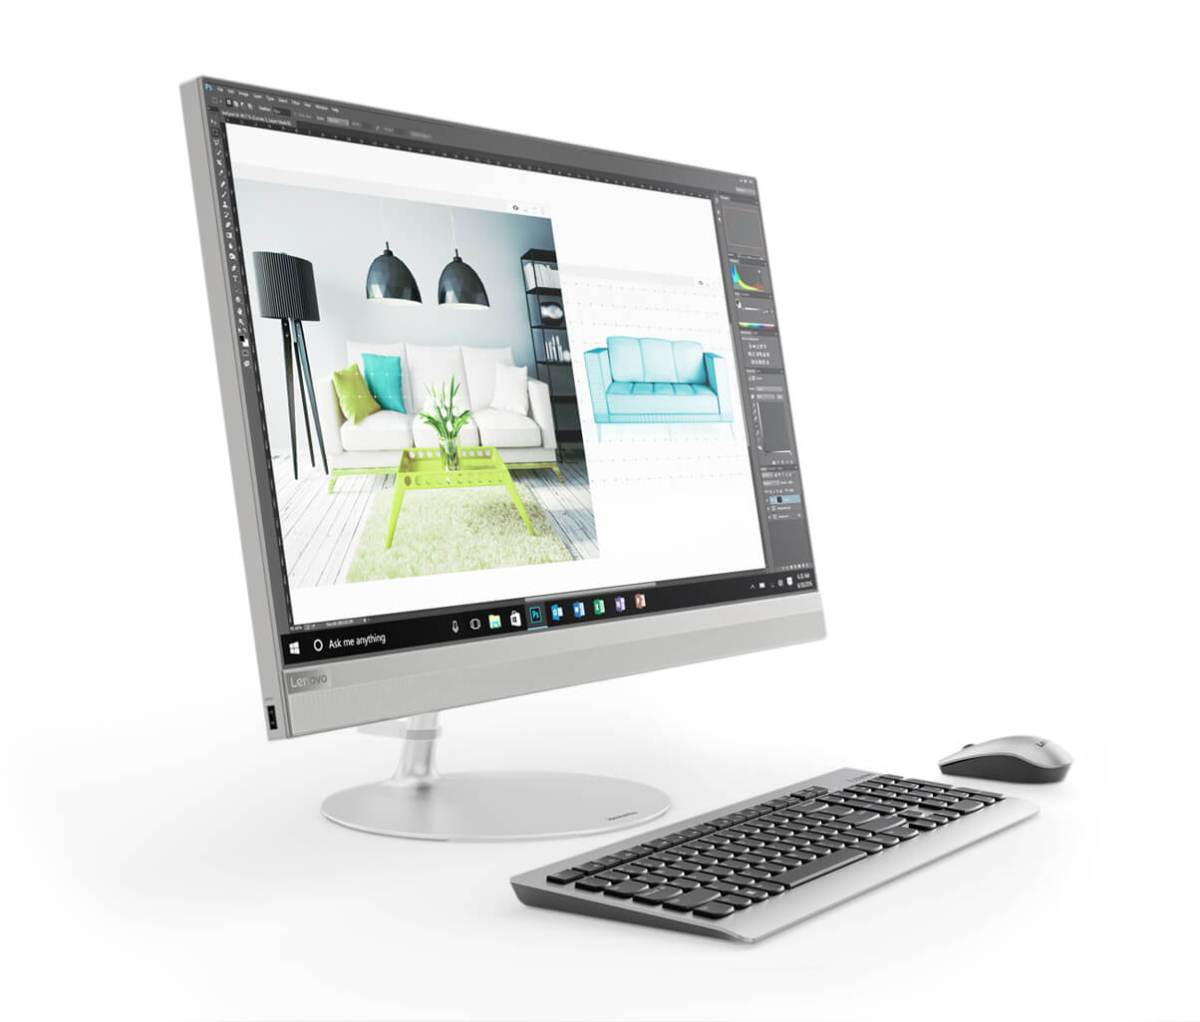 10 คอมพิวเตอร์ตั้งโต๊ะ ราคาถูก 2019 ดีไซน์สวย สเป็คดี 26 - Acer